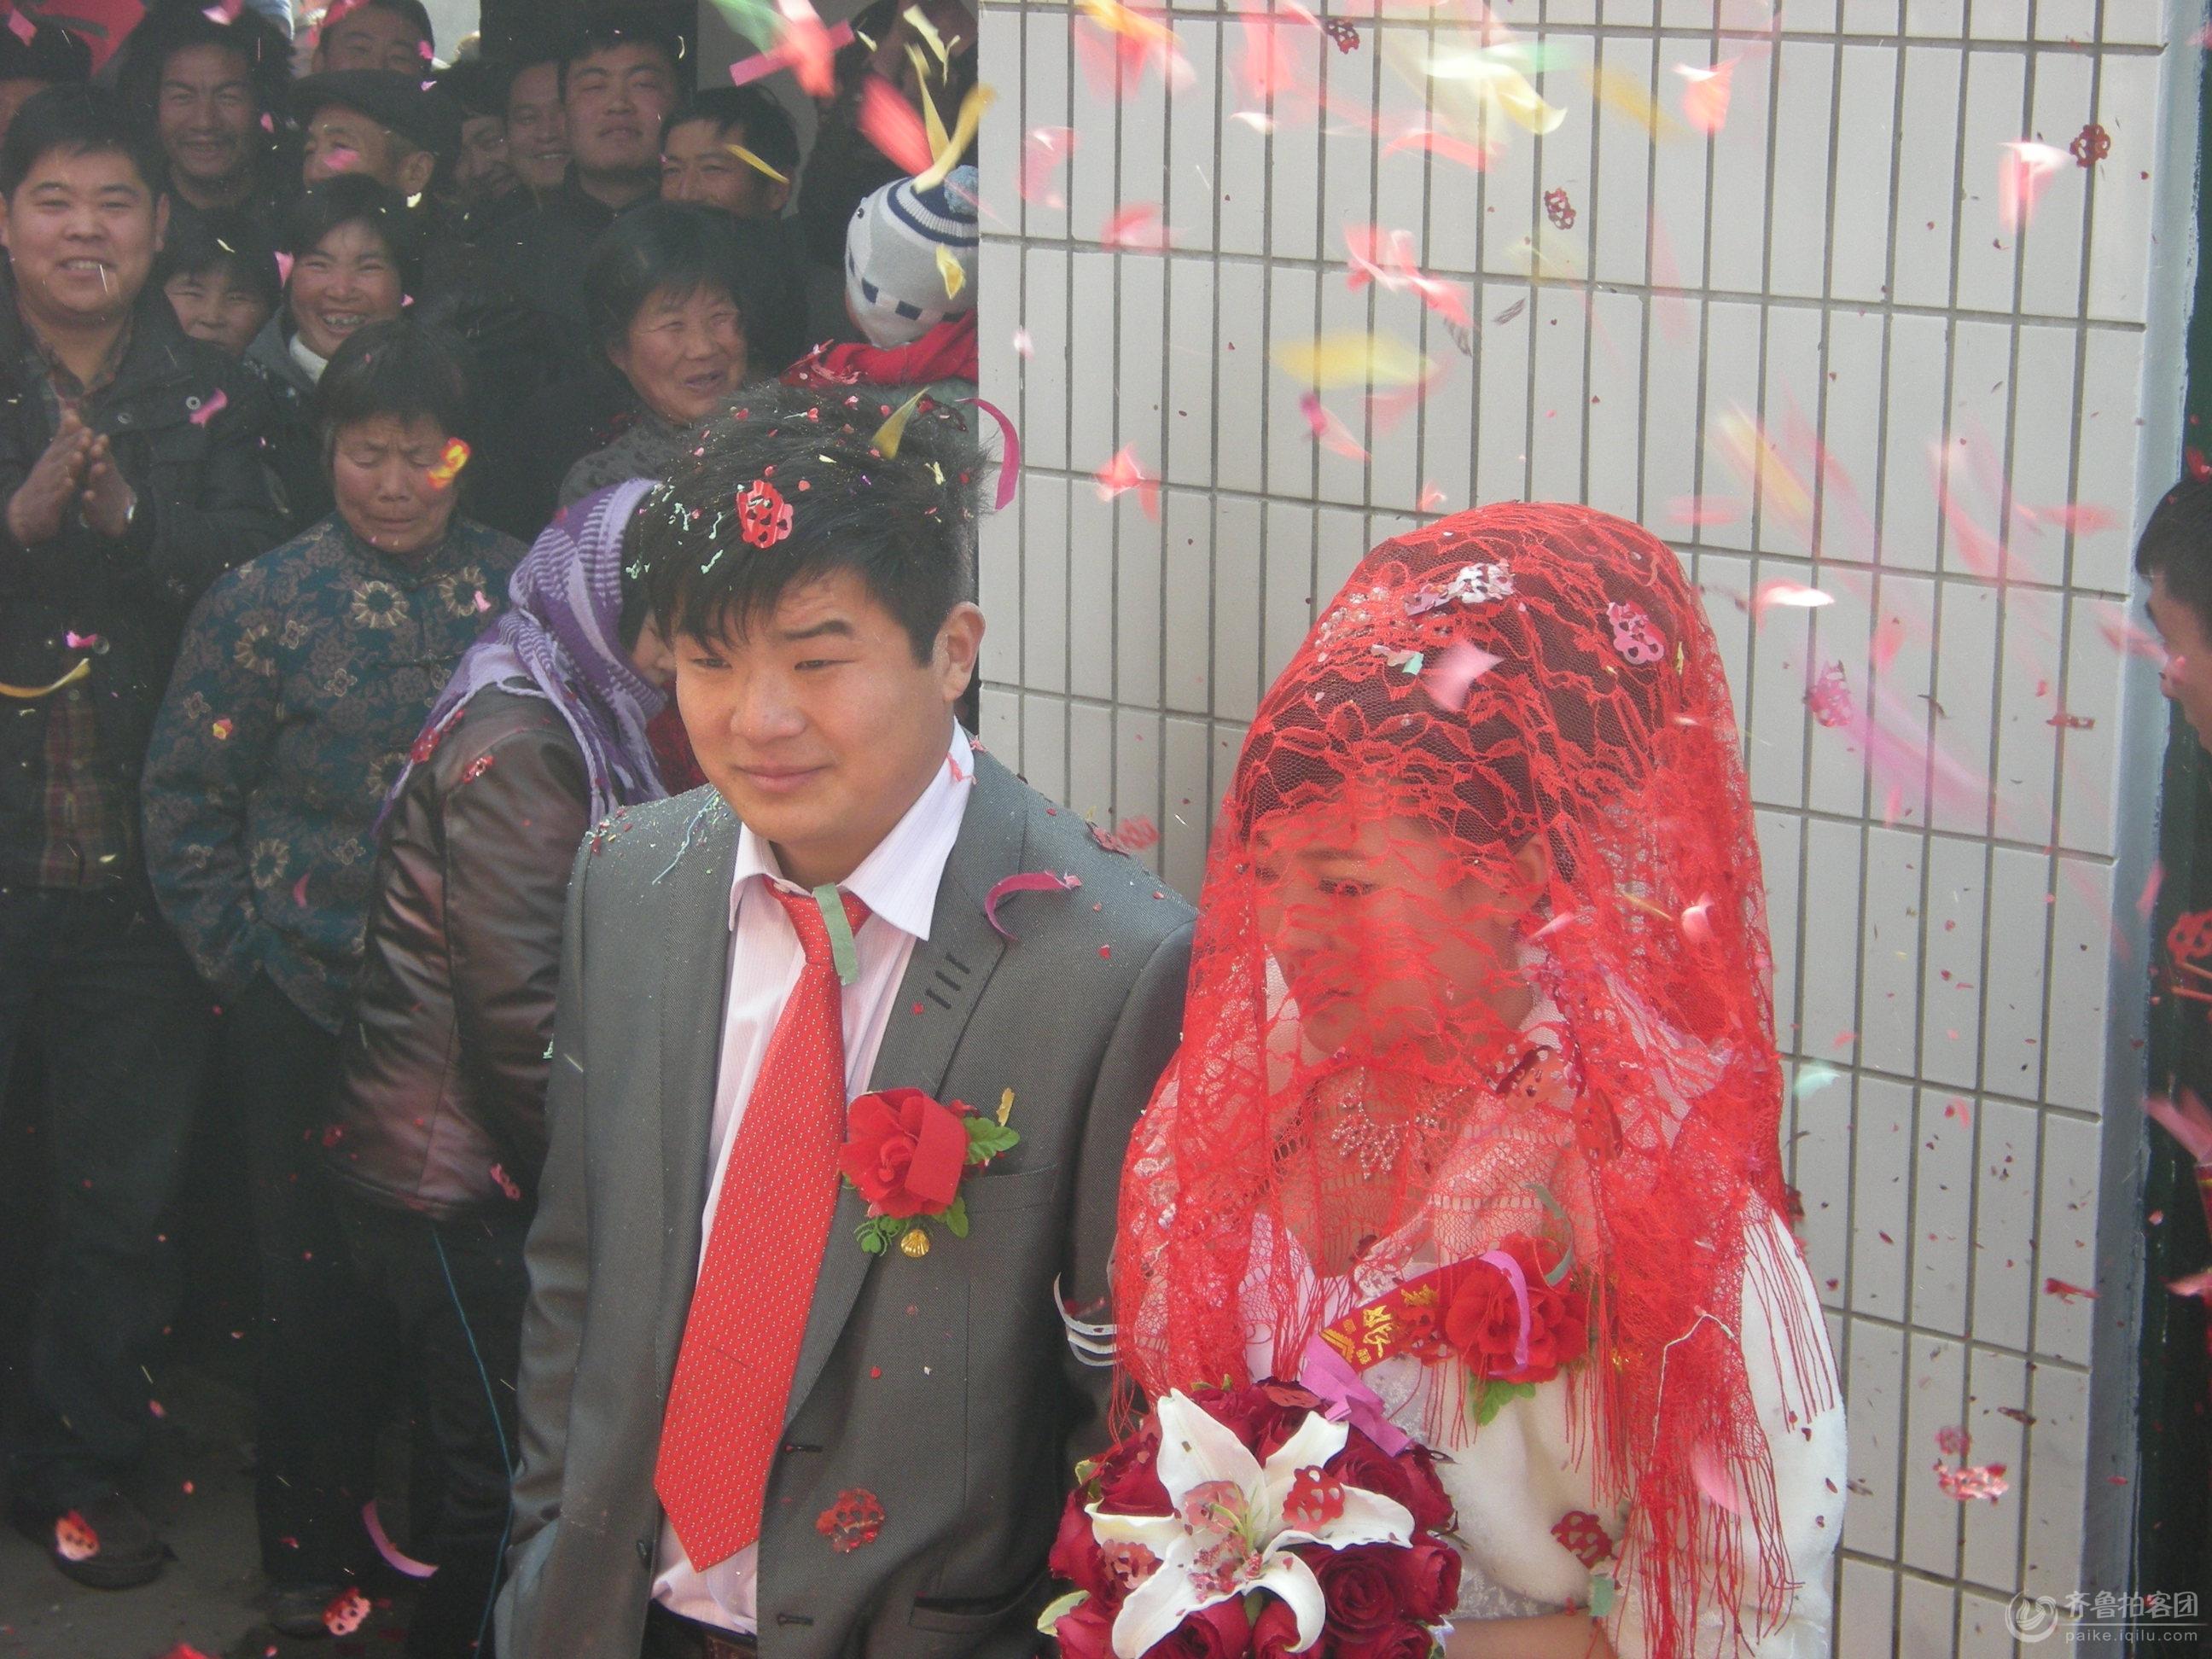 新婚夫妻李红_【惊人热点】新婚小夫妻俩残忍杀害 ...